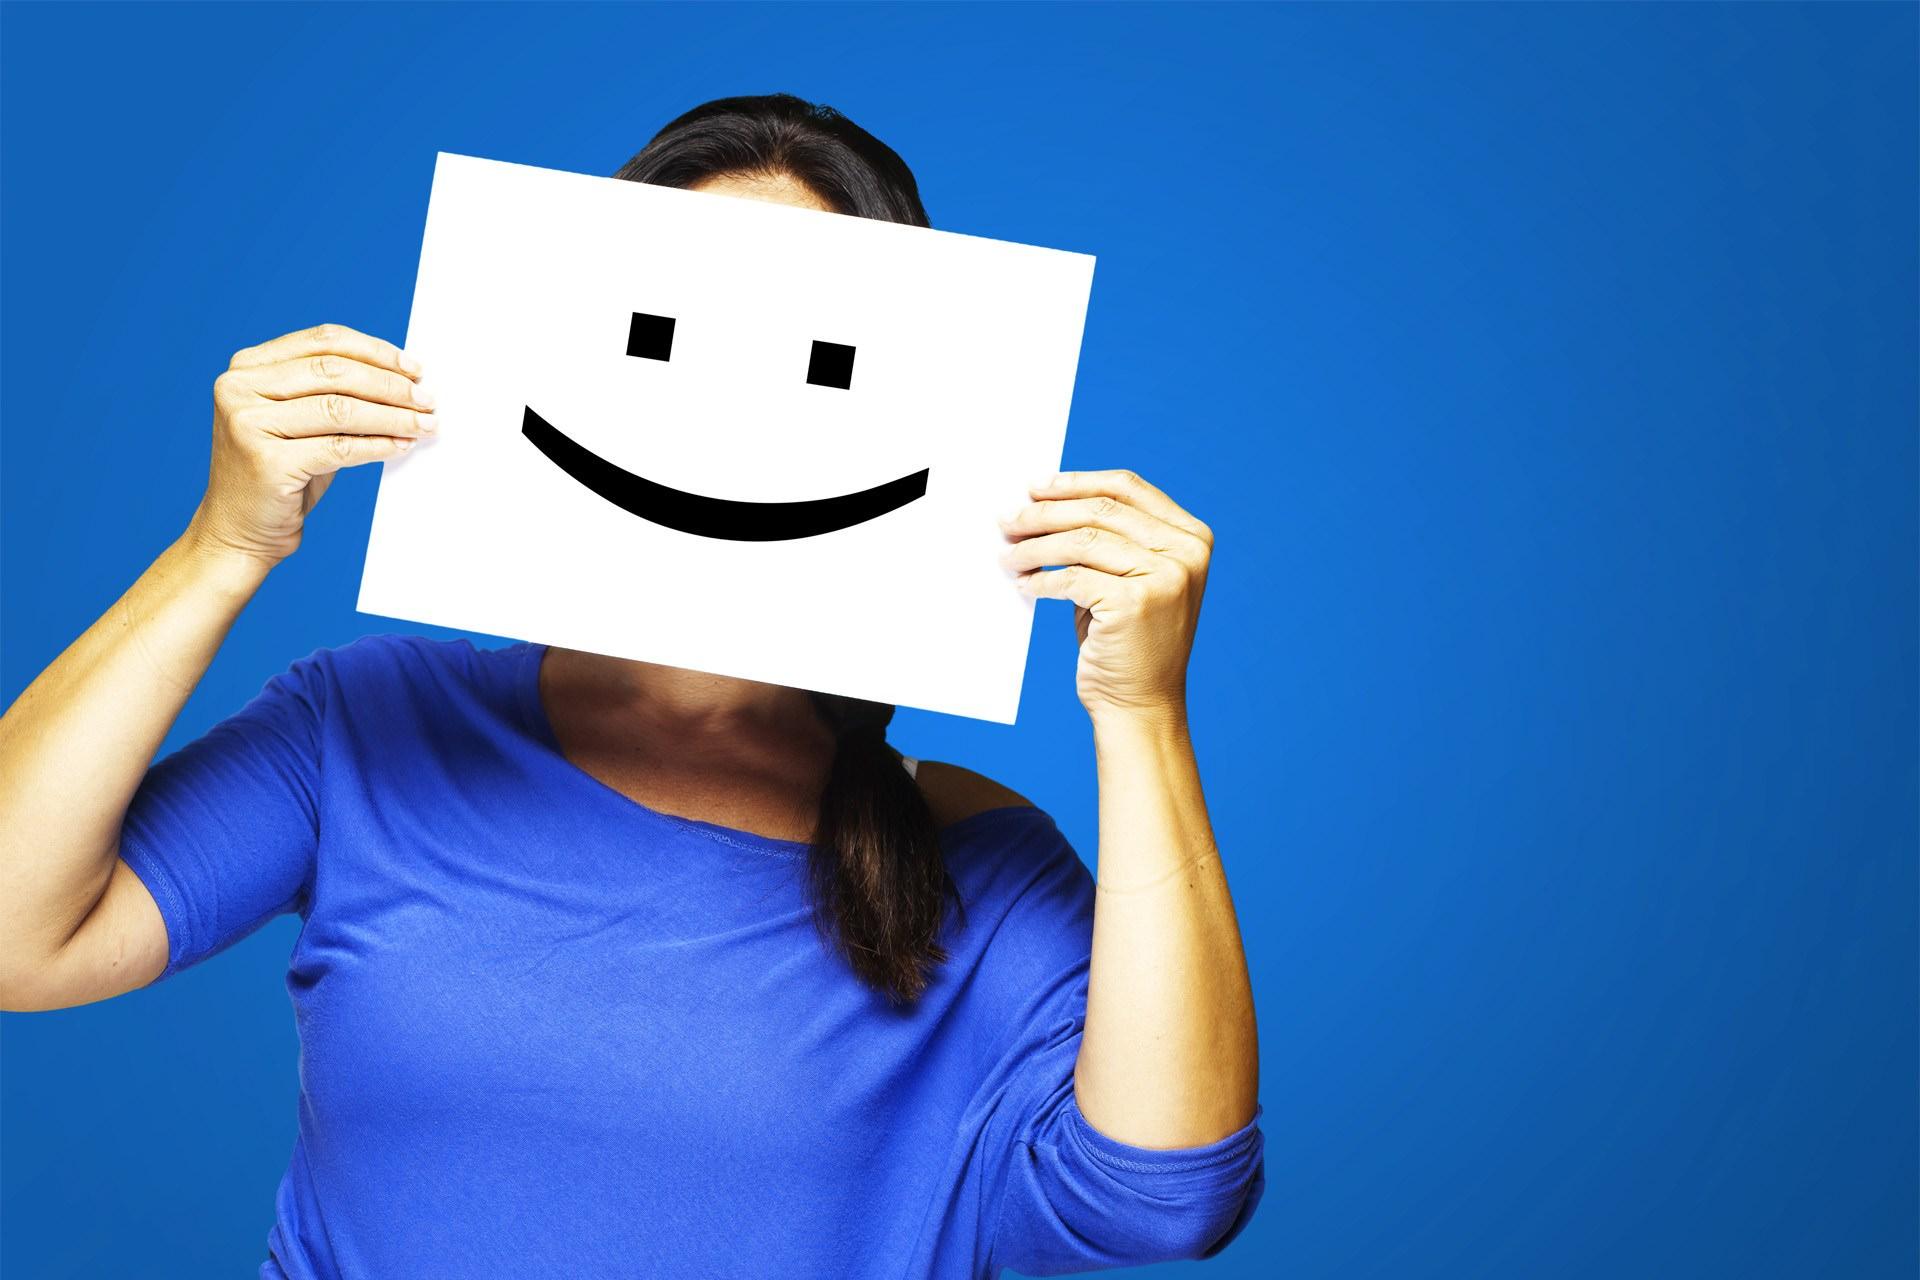 Felicità: cos'è e da dove viene